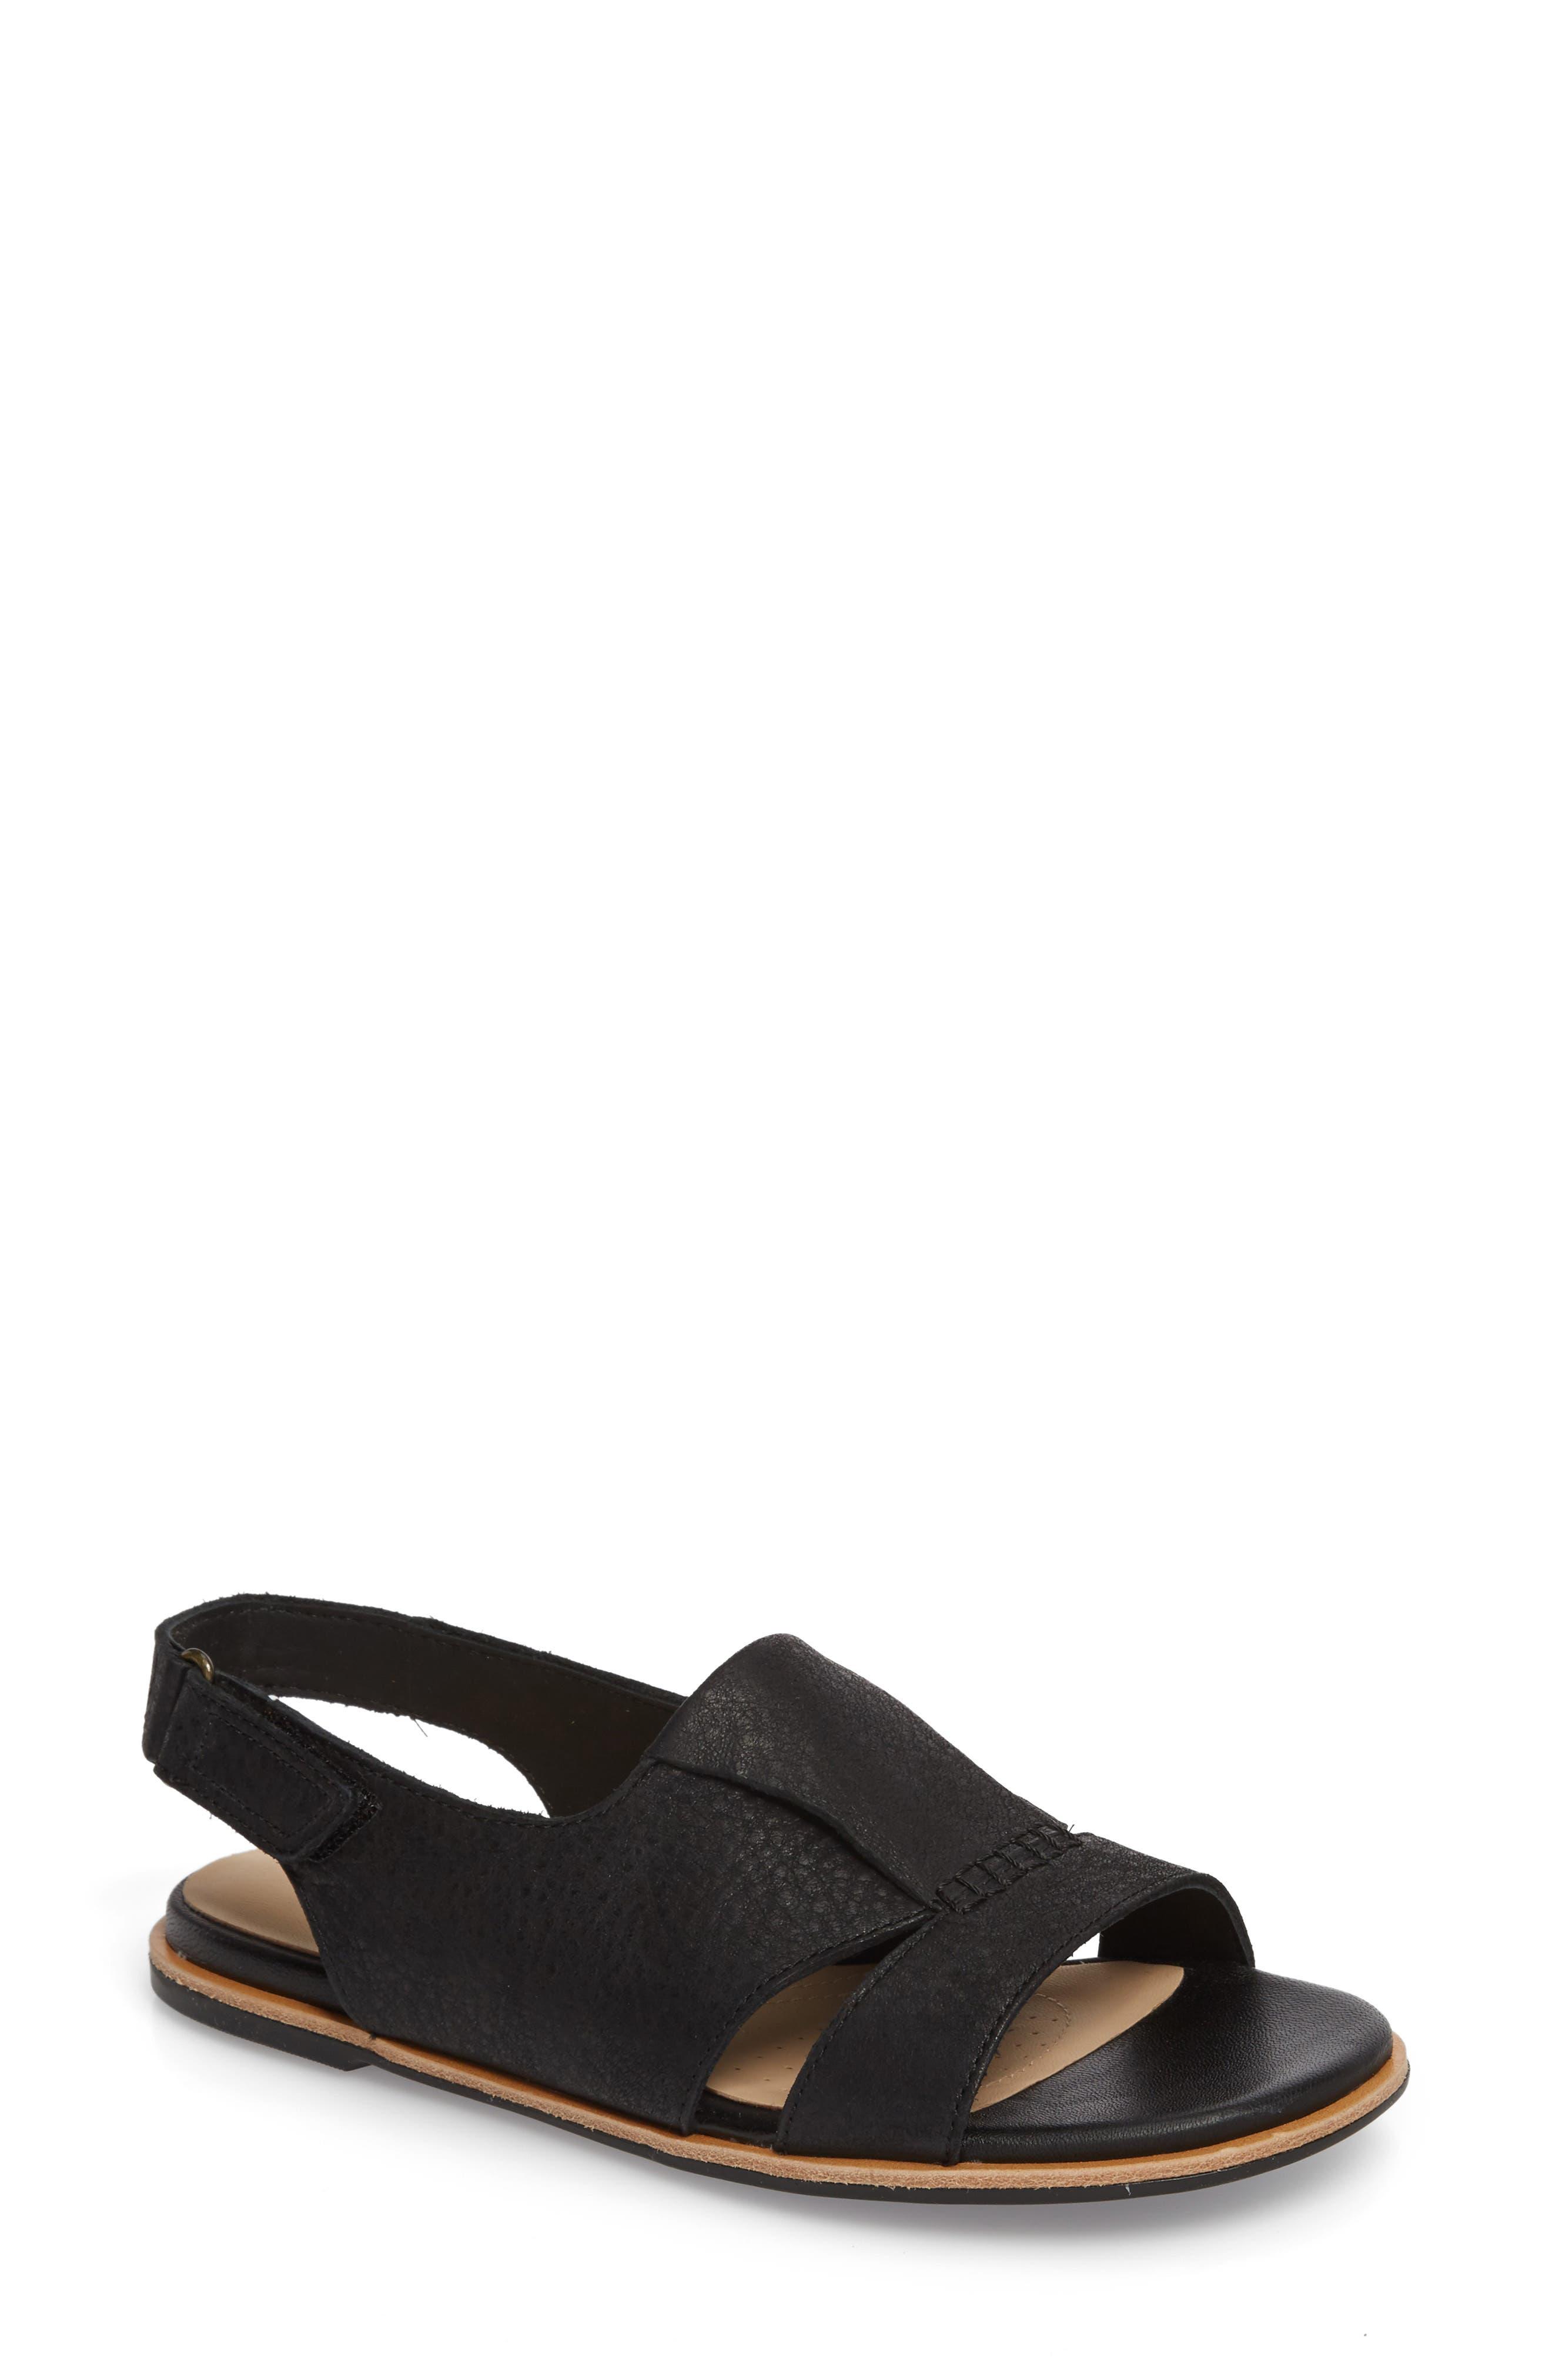 Clarks® Sultana Rayne Slingback Sandal (Women)